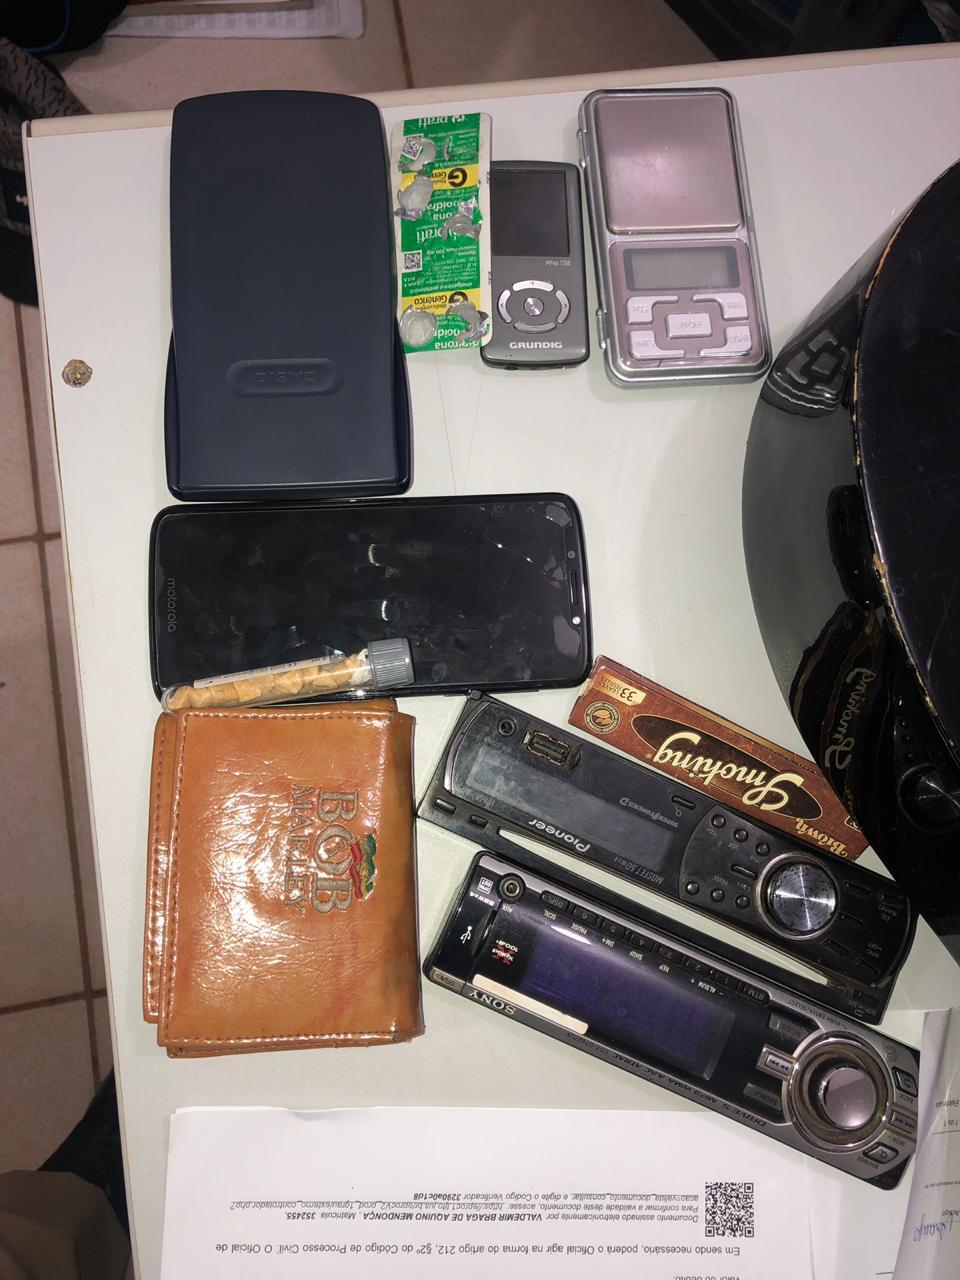 Depois de rastrear celular roubado PM prende suspeito e recupera vários objetos roubados em Palmas